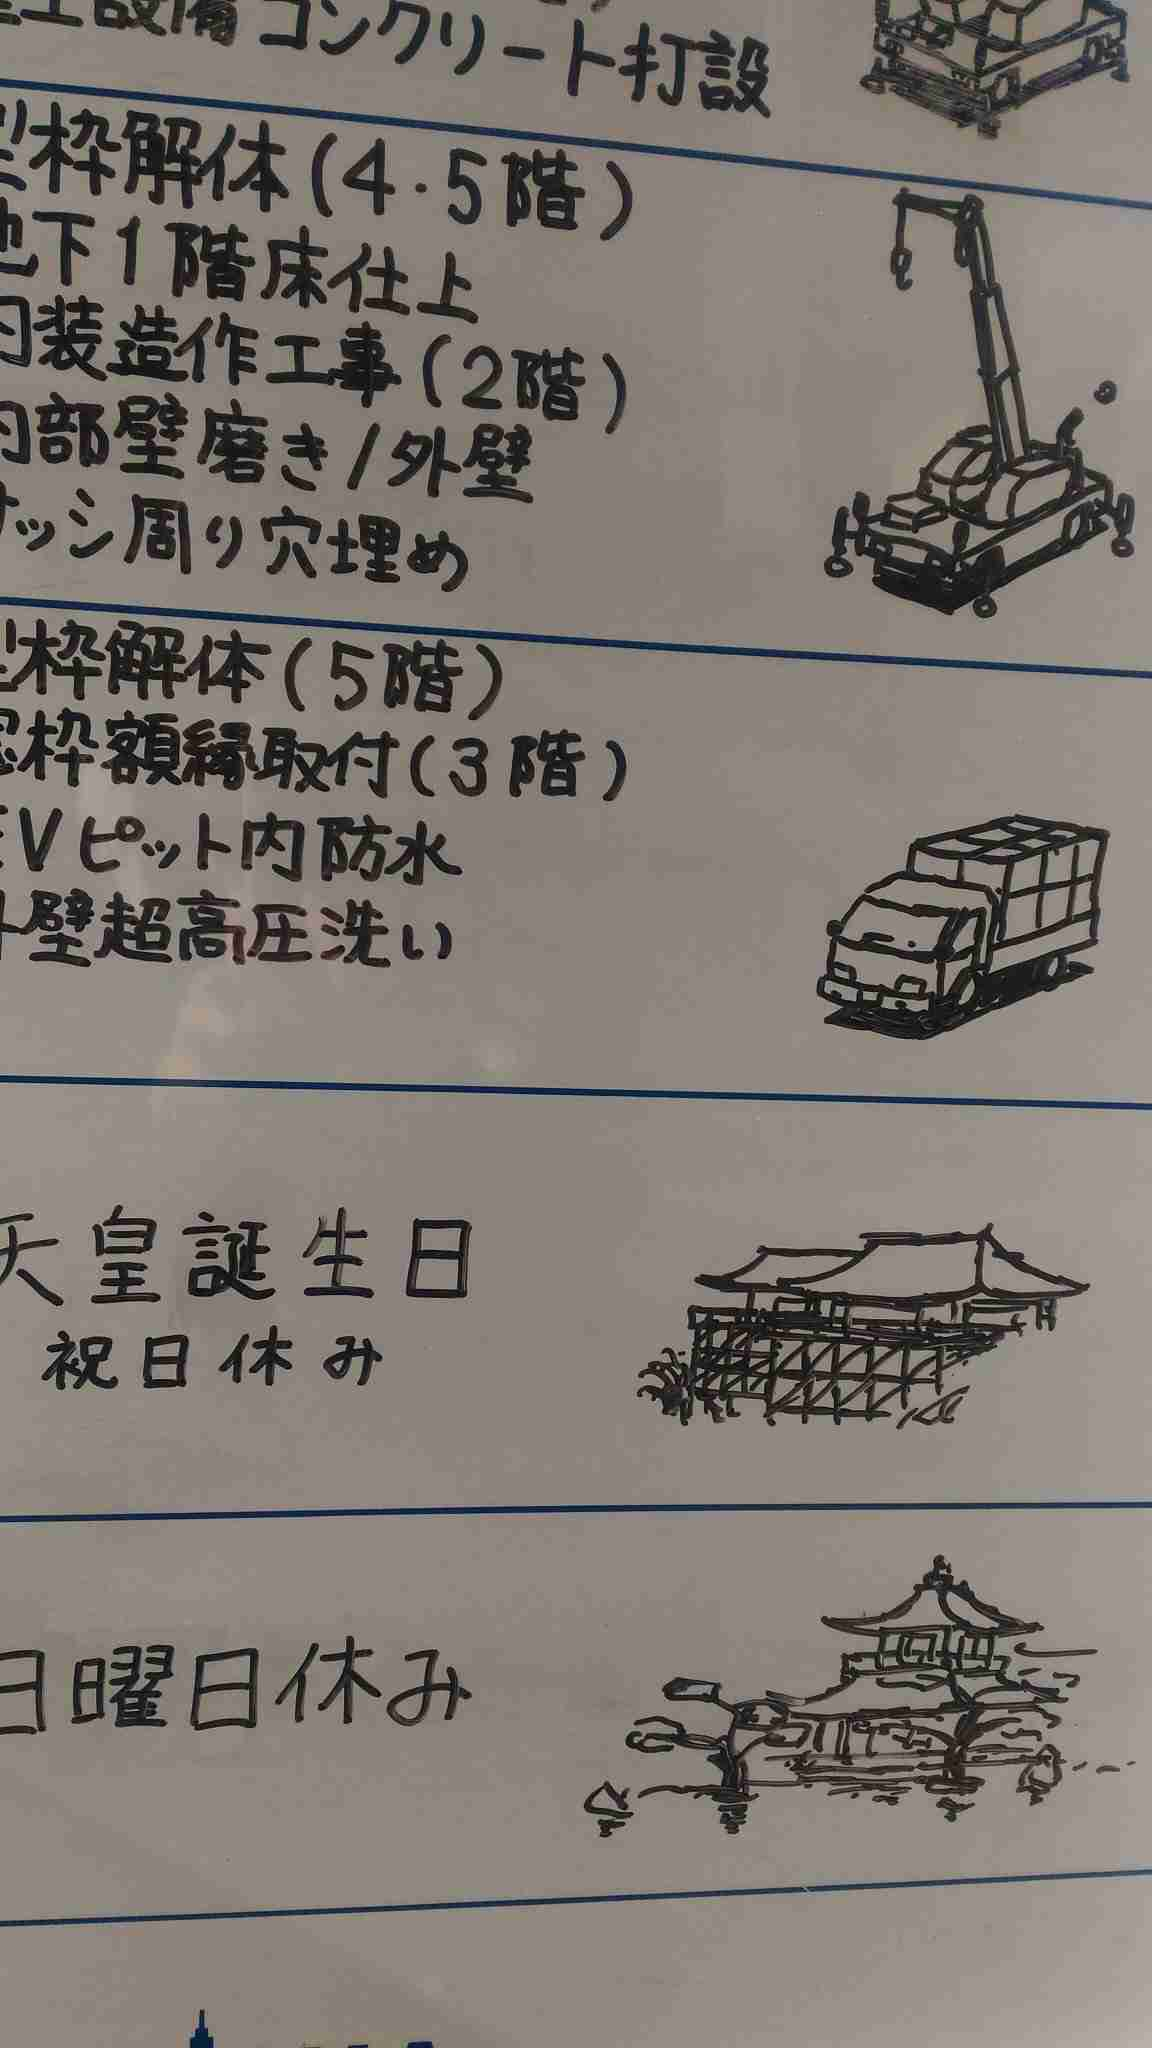 とある工事現場のホワイトボードに描かれた絵が見事すぎる! 「重機なのにかわいく見える」「字もきれい」